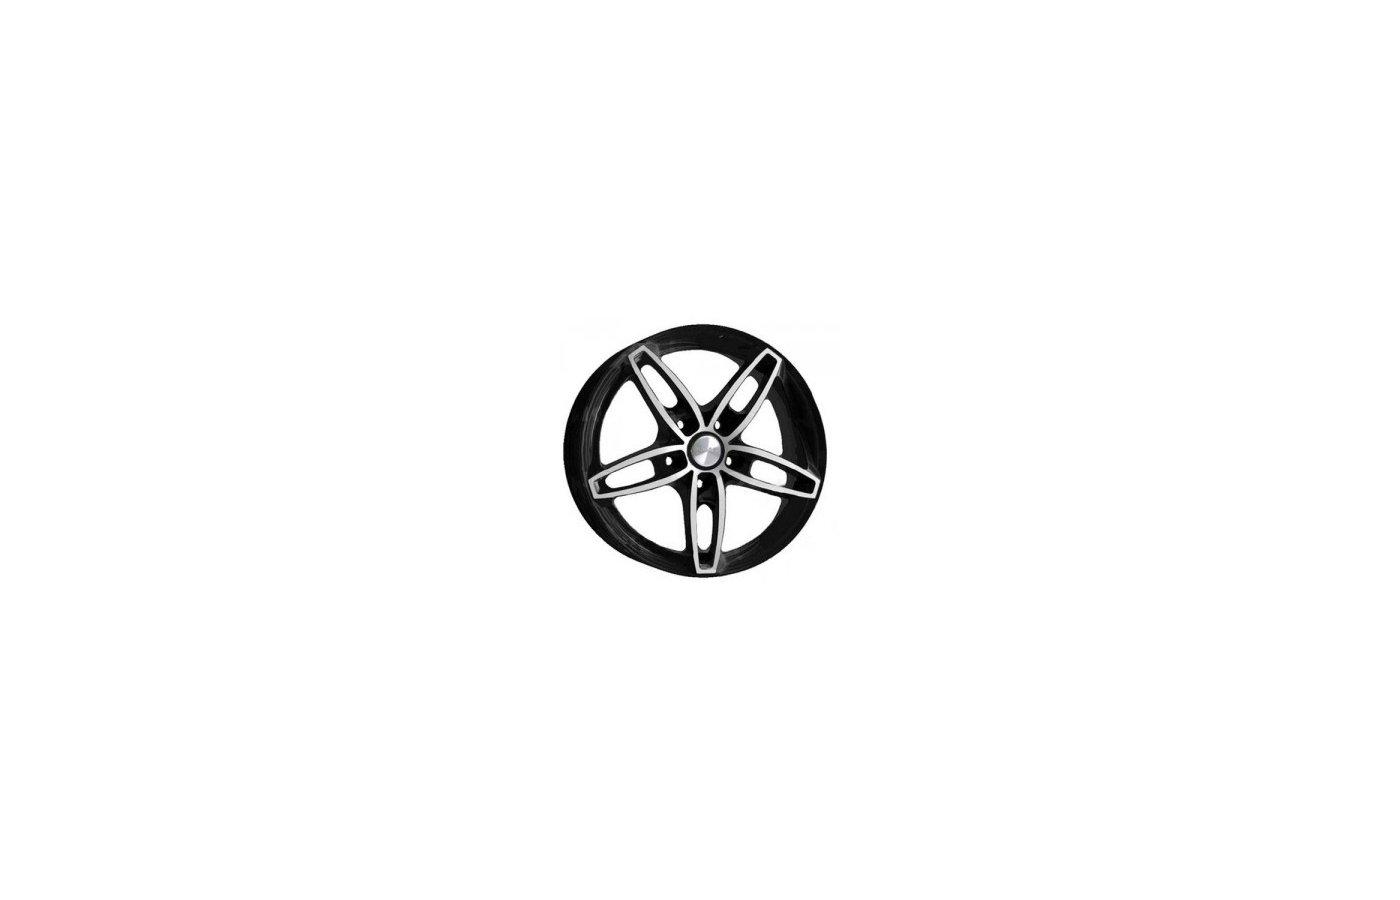 Диск Скад Турин 6.5x16/5x108 D63.35 ET50 Алмаз